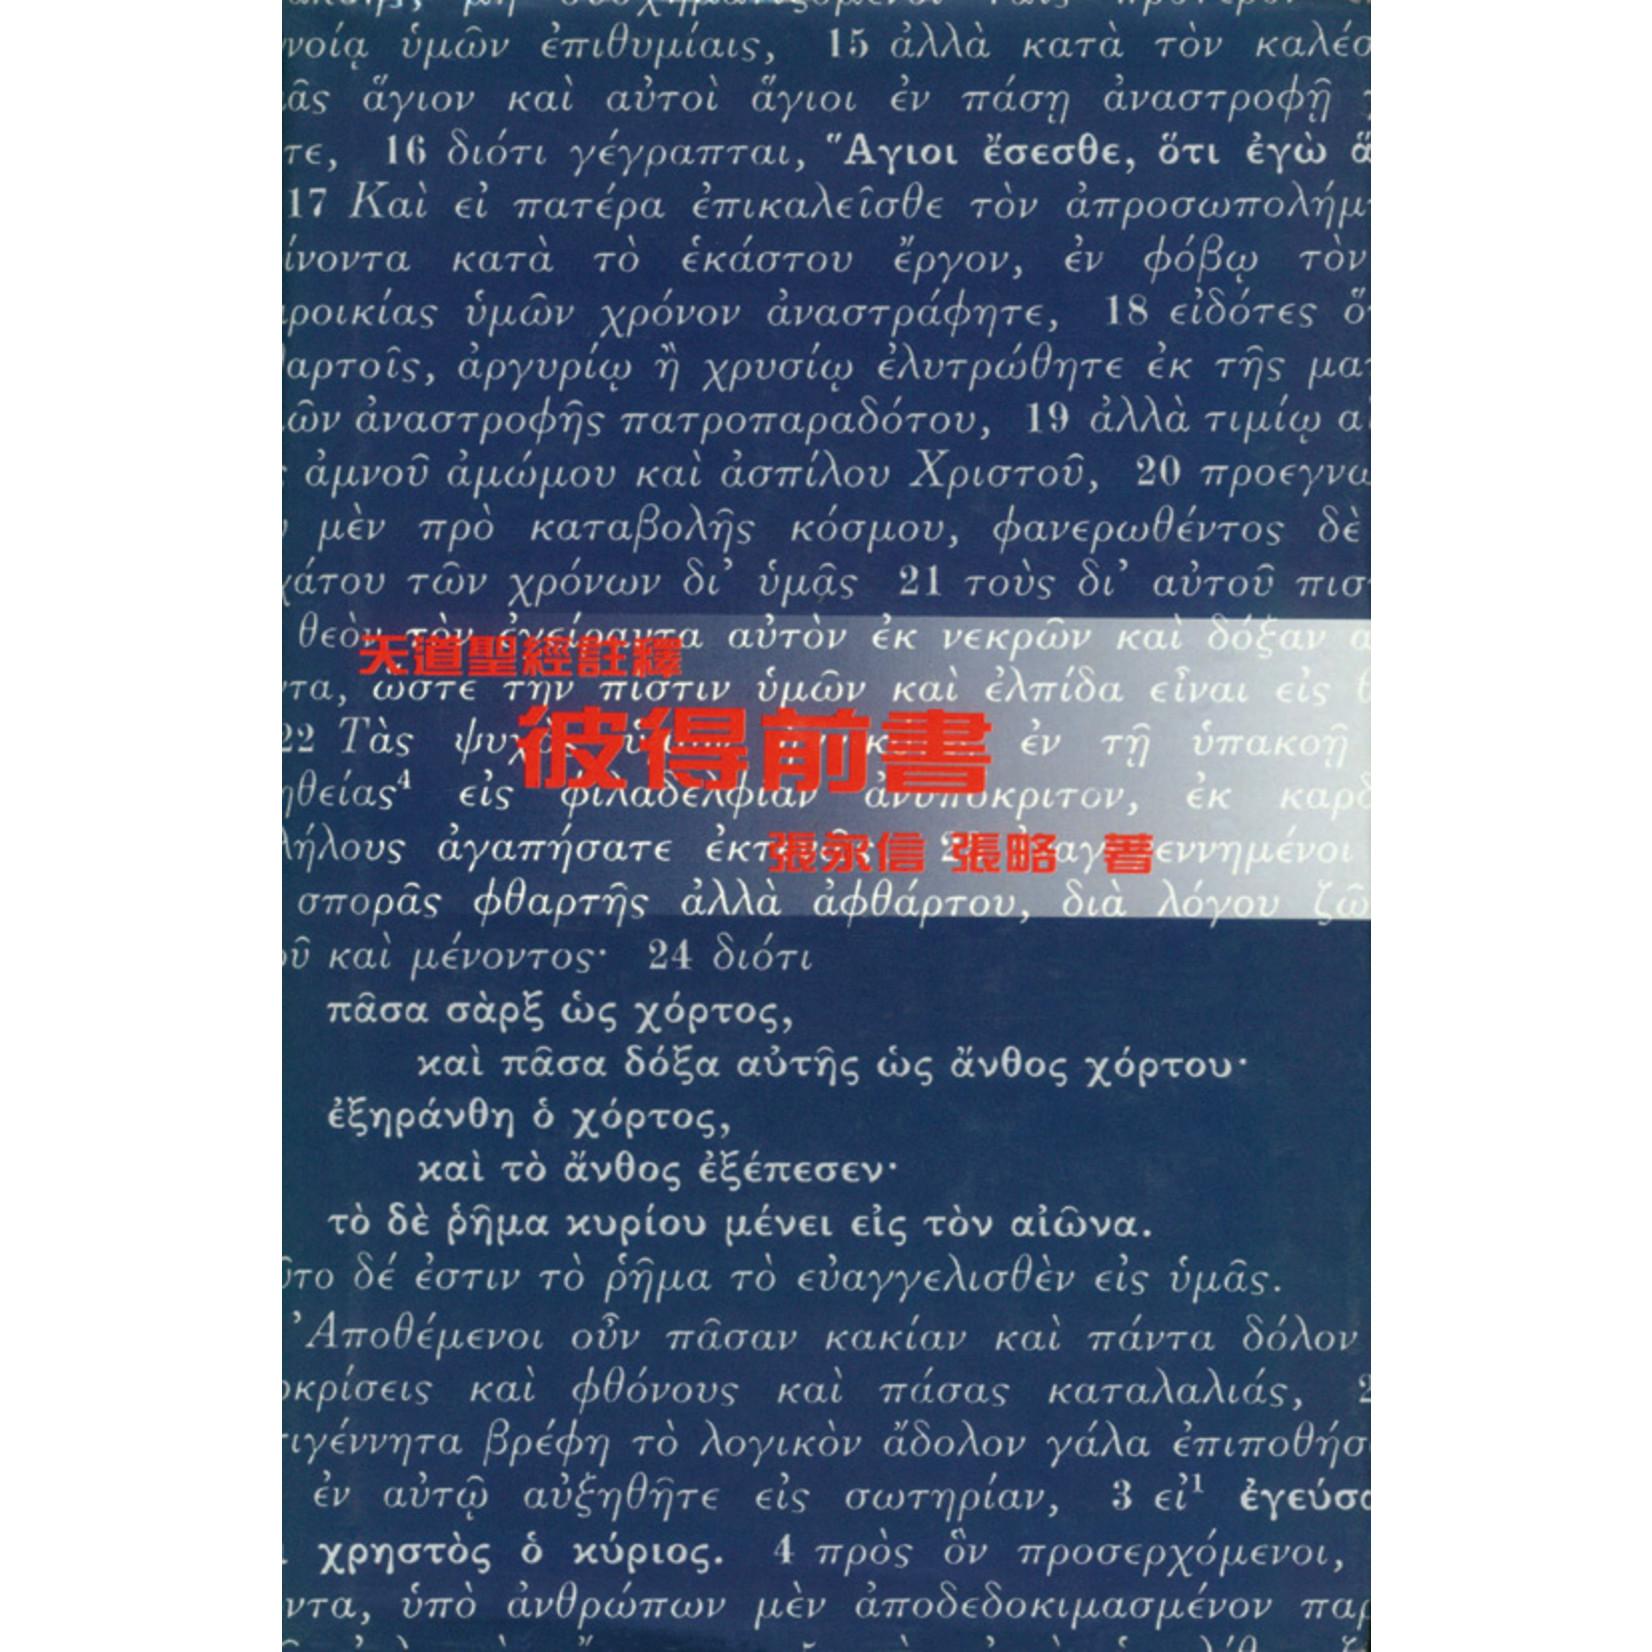 天道書樓 Tien Dao Publishing House 天道聖經註釋:彼得前書